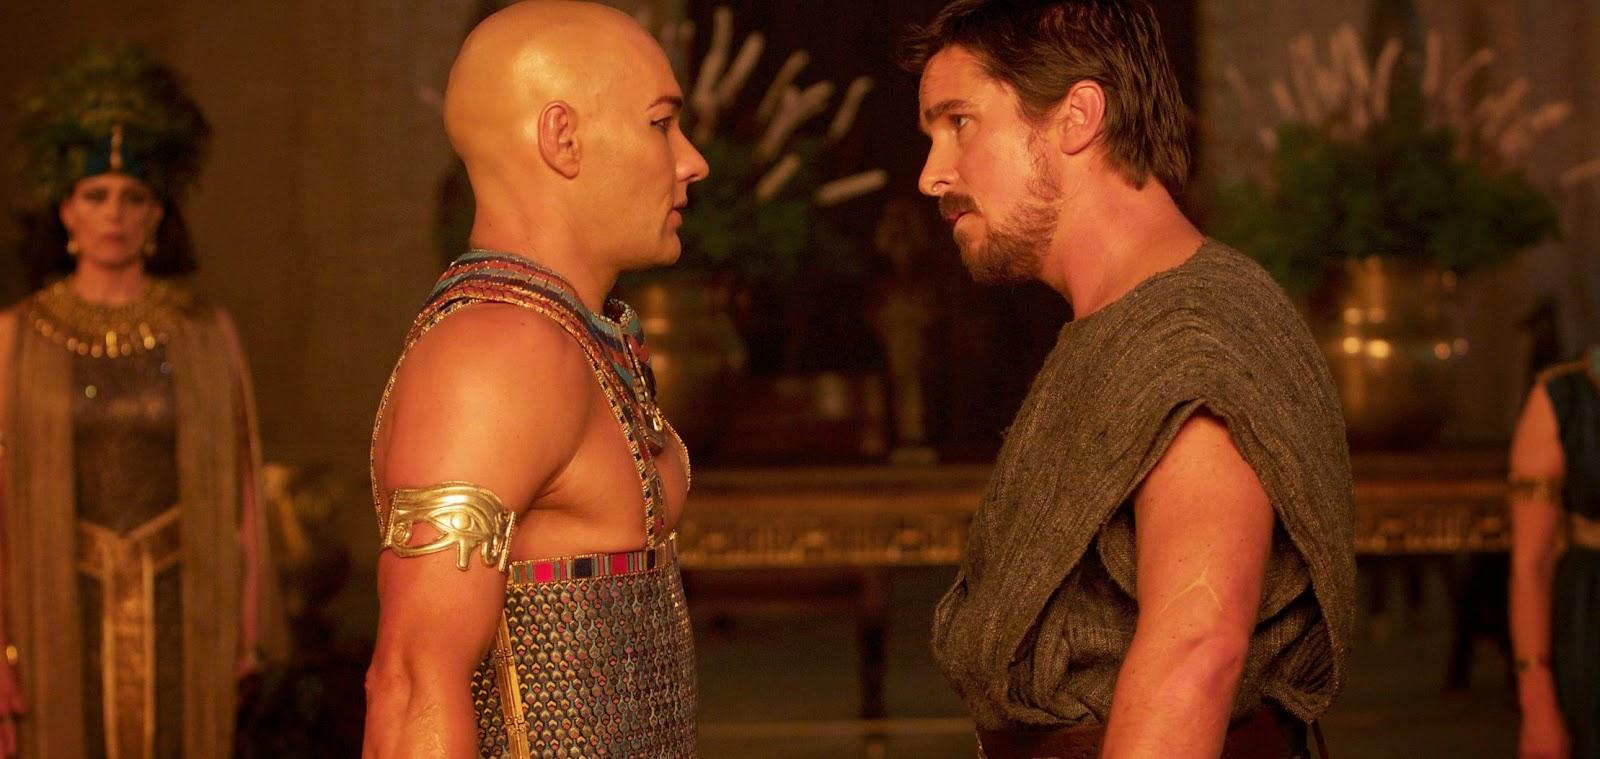 Christian Bale e Joel Edgerton nos pôsteres e imagens inéditas do épico bíblico Exodus: Gods & King